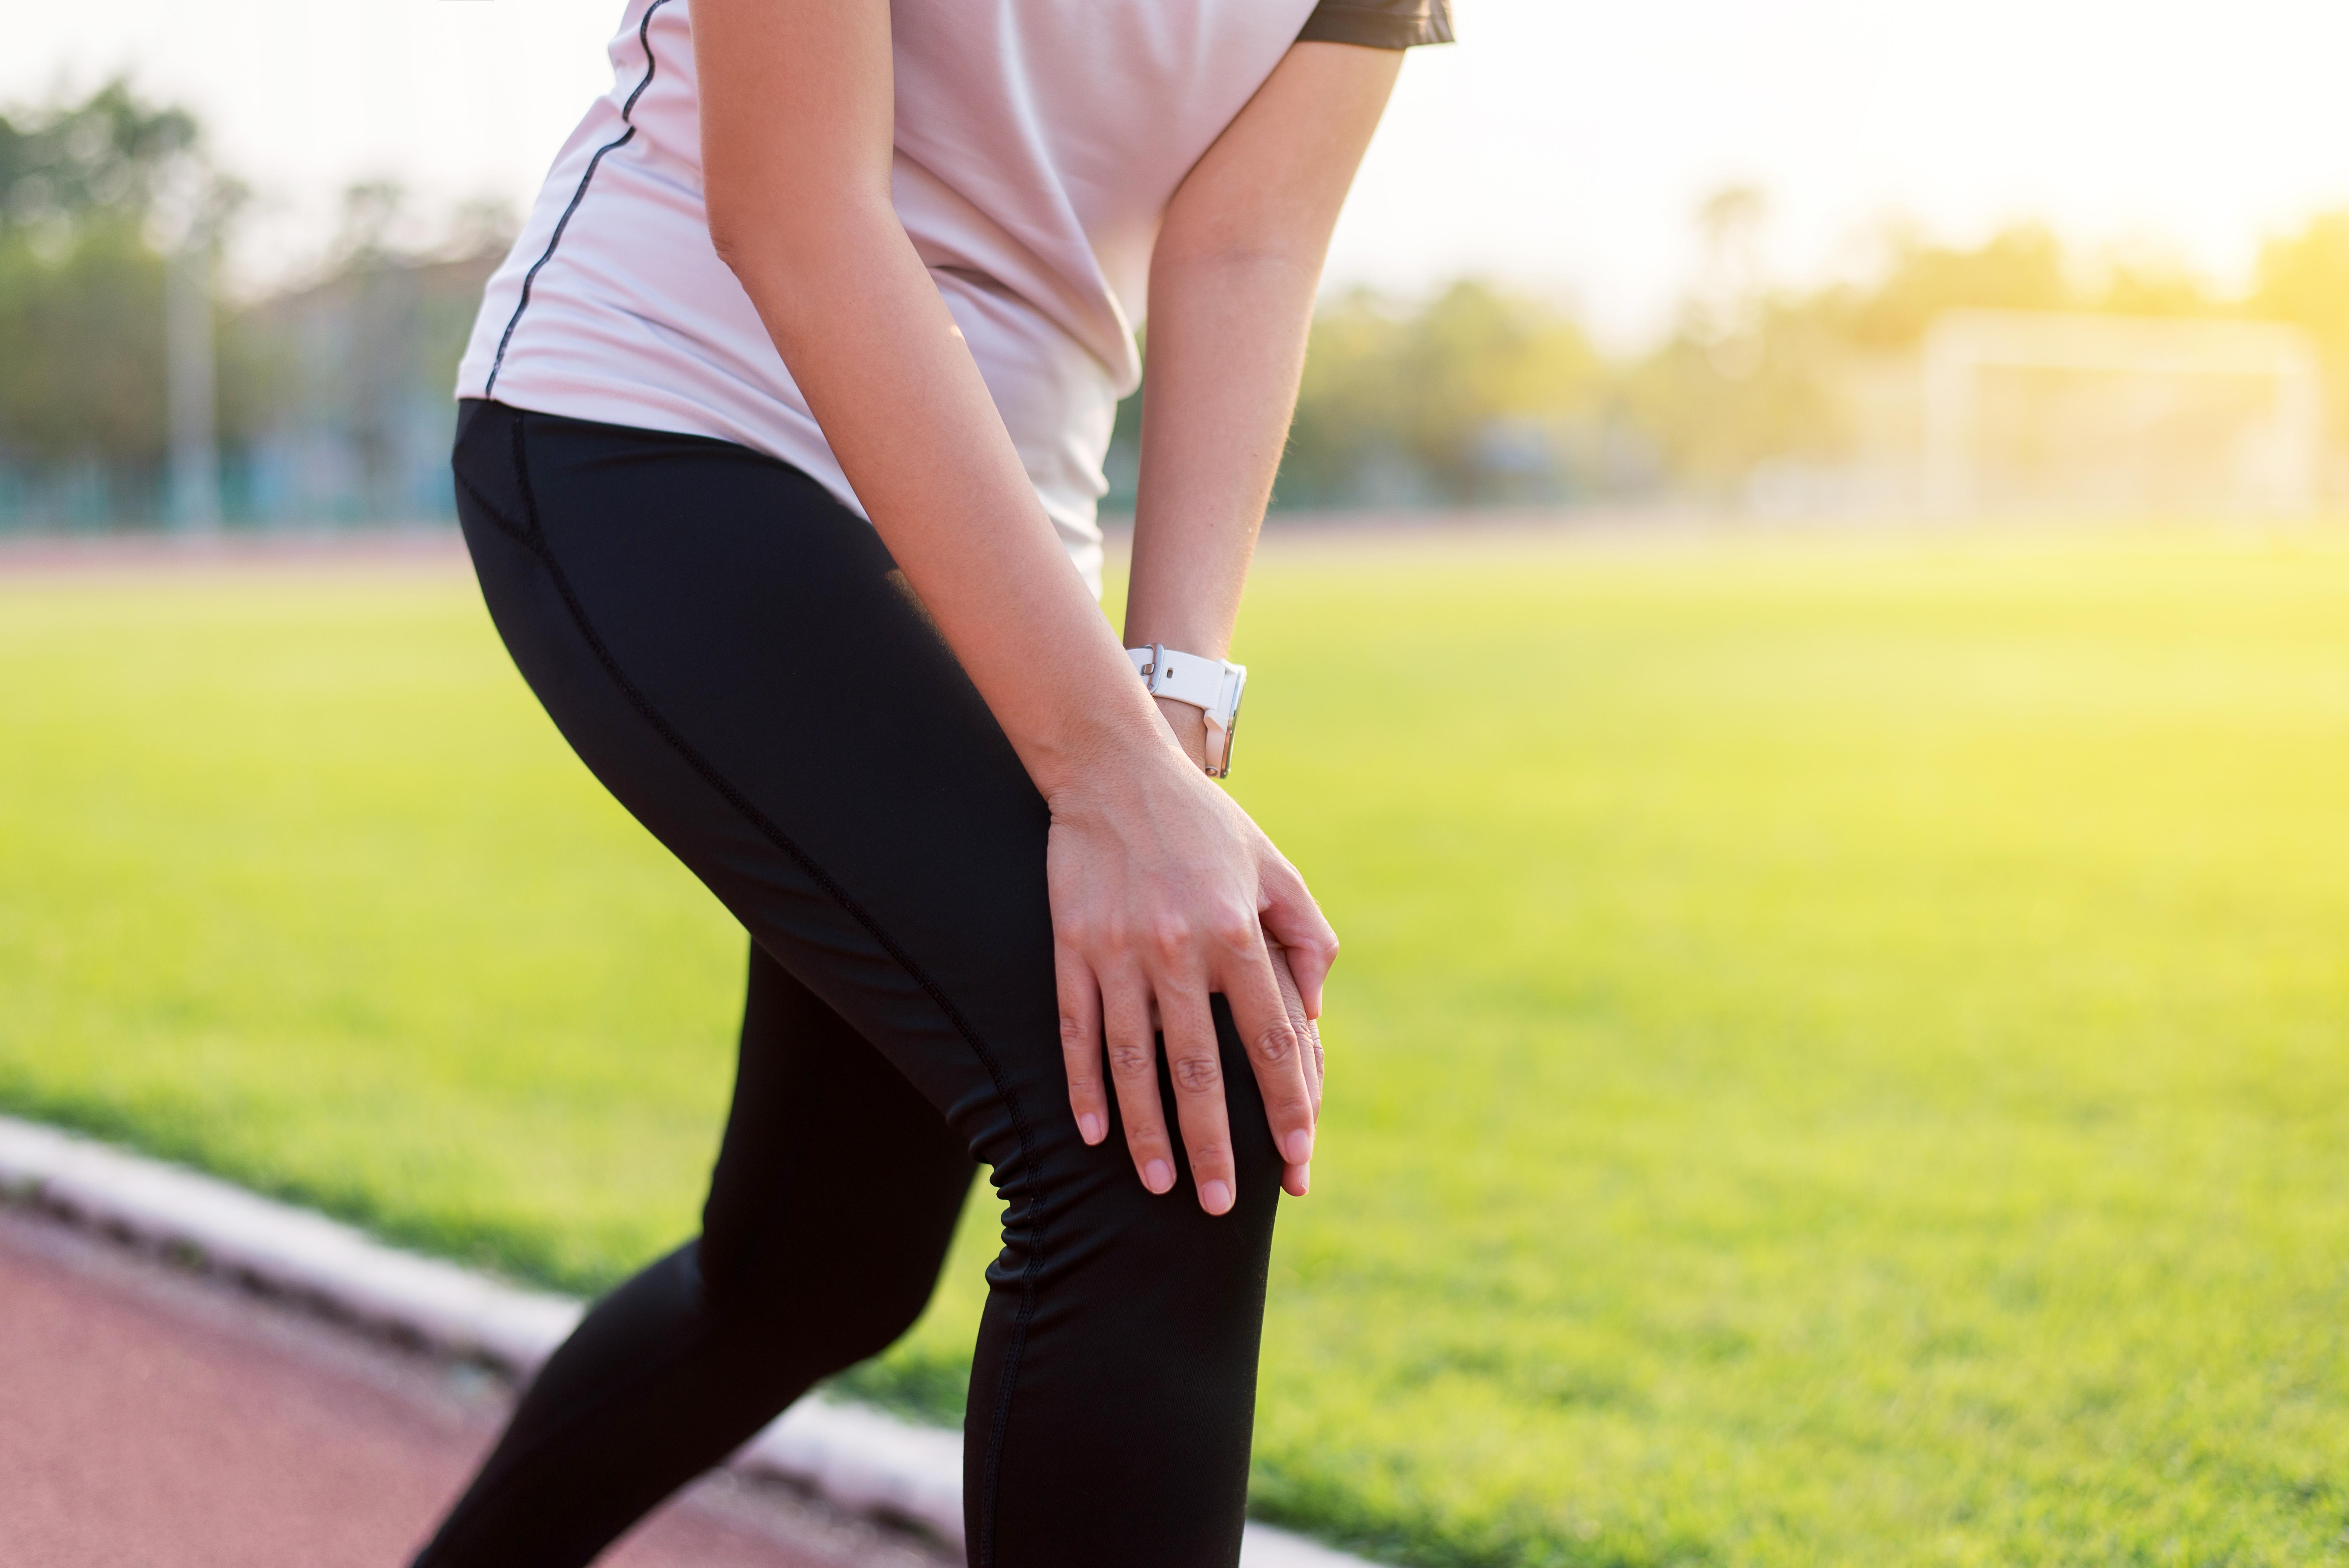 أسباب آلام العضلات بعد التمرين